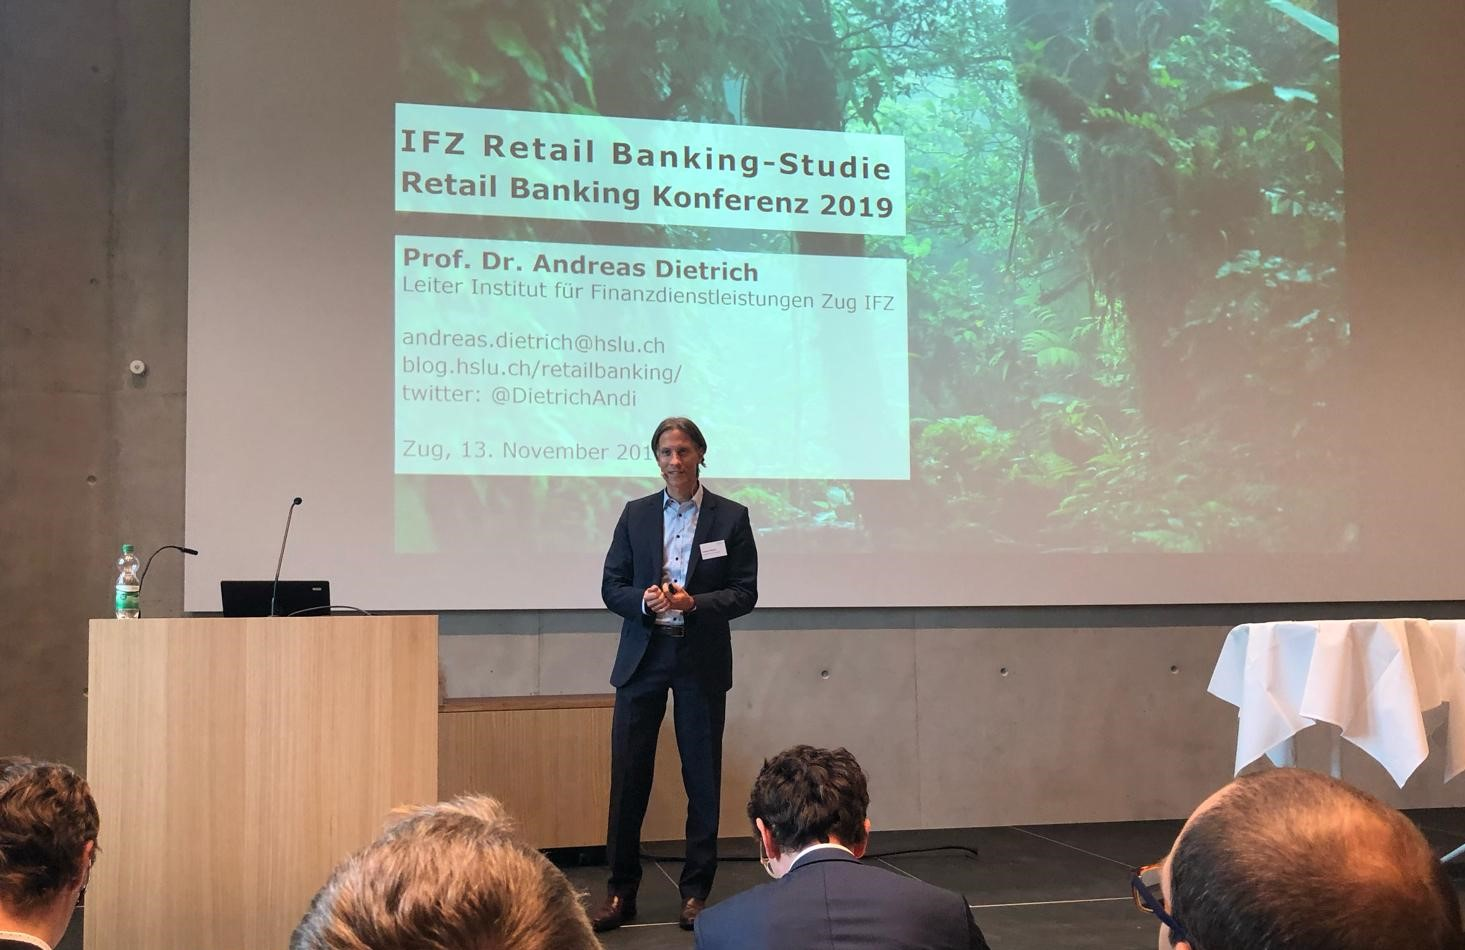 Retail-Banking-Konferenz-2019_IFZ_cmm360_Bank-Cler_Digitalisierung_2